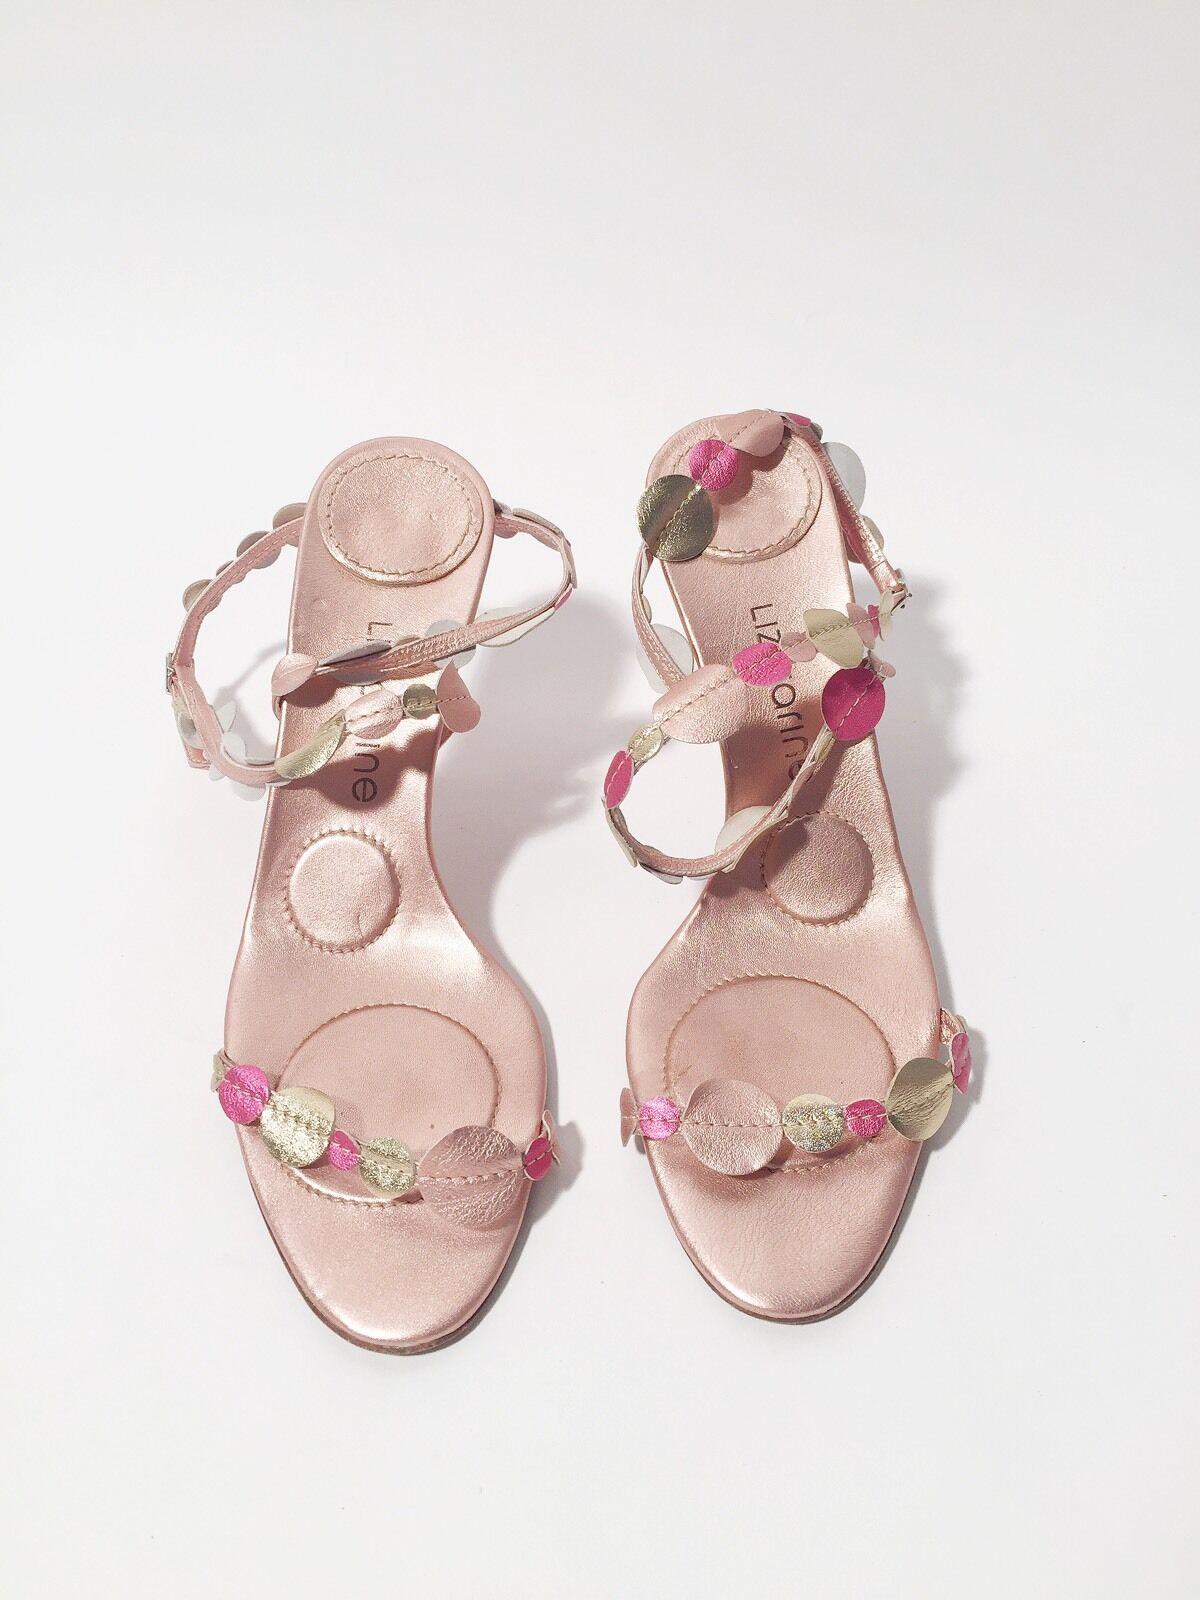 miglior prezzo migliore Liz Carine Dimensione Dimensione Dimensione 10 40 rosa Metallic Heels  centro commerciale online integrato professionale